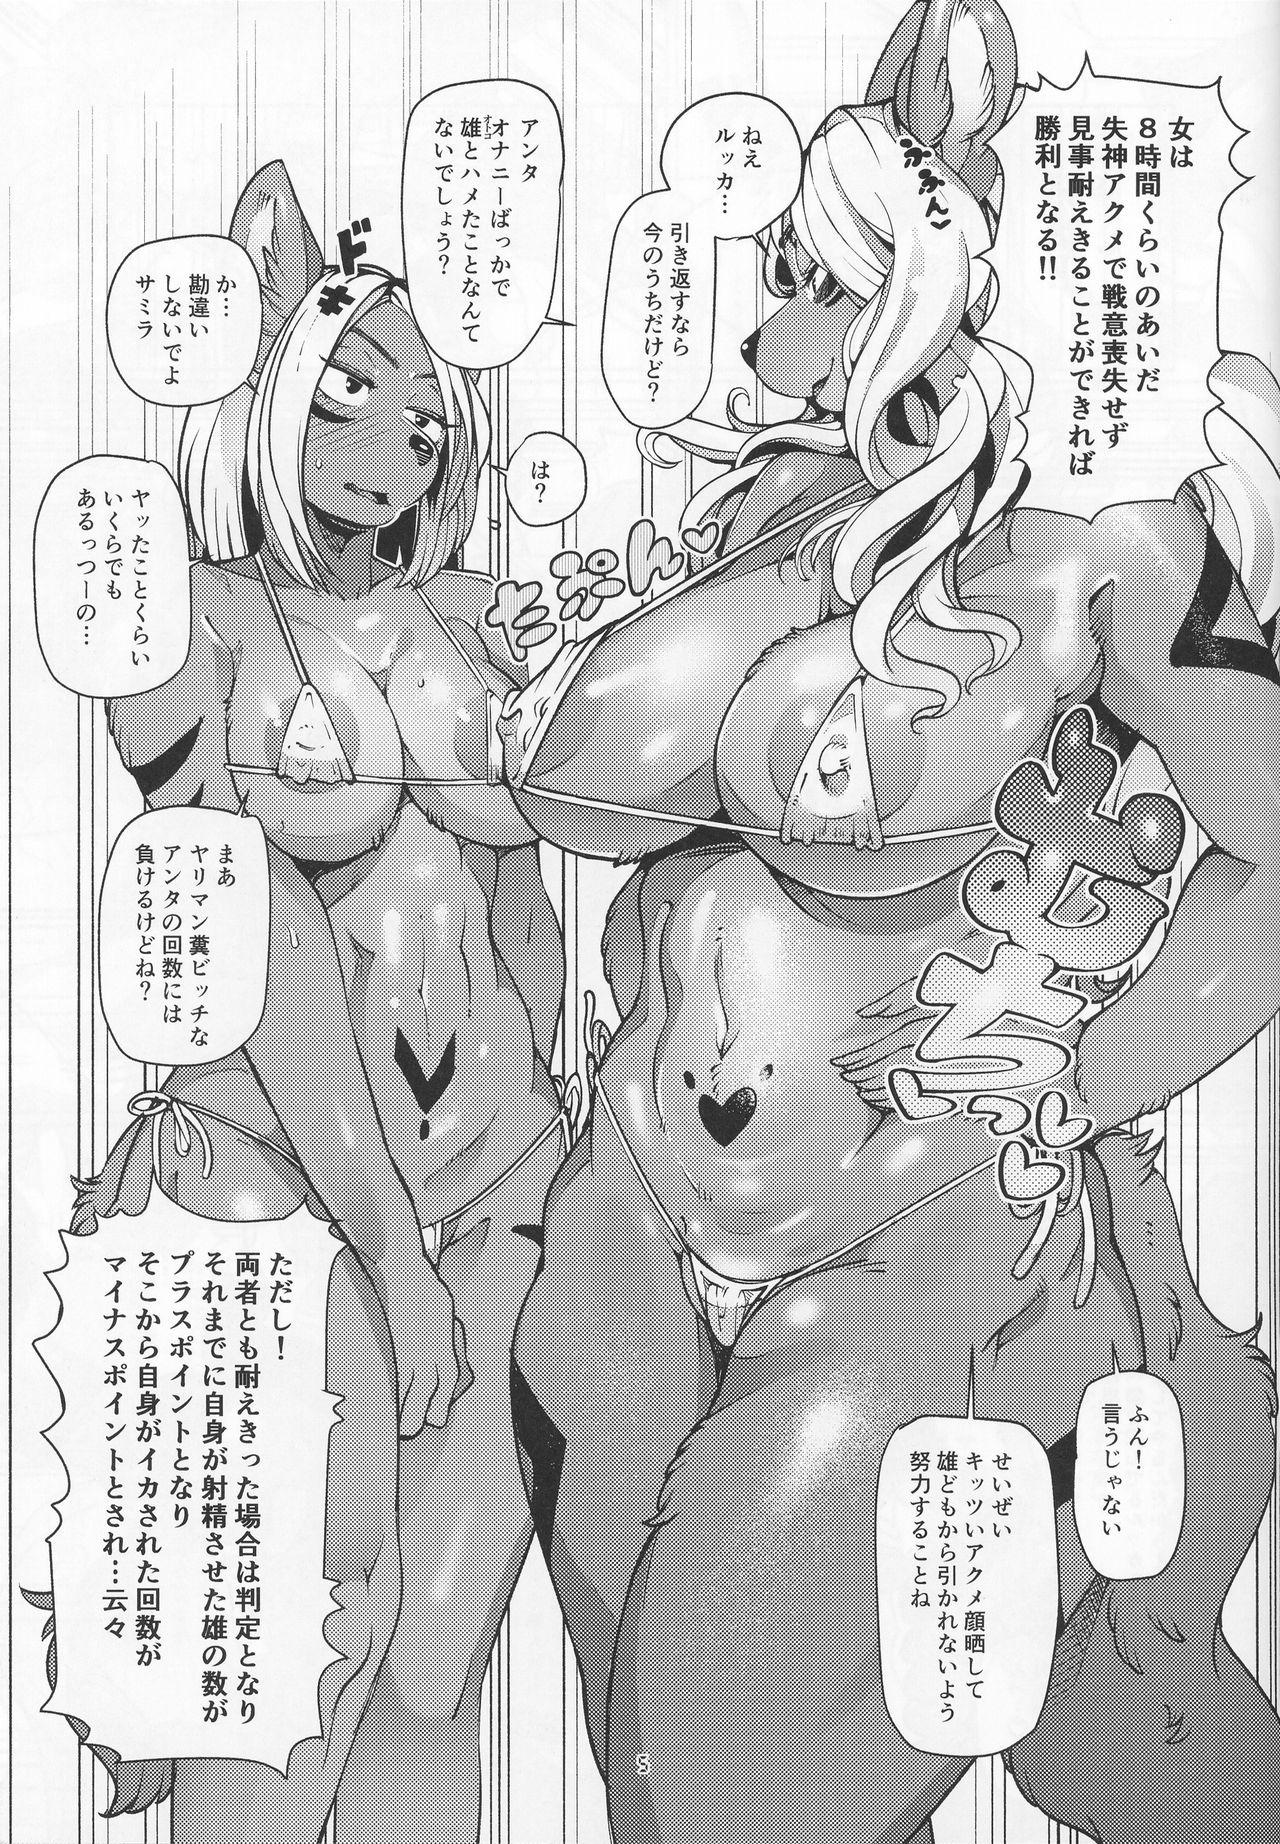 【エロ漫画・エロ同人】仲の悪い巨乳ケモナー双子がエッチな勝負してるンゴwひらすら乱交セックスして最後は同時イキで引き分けwww (5)